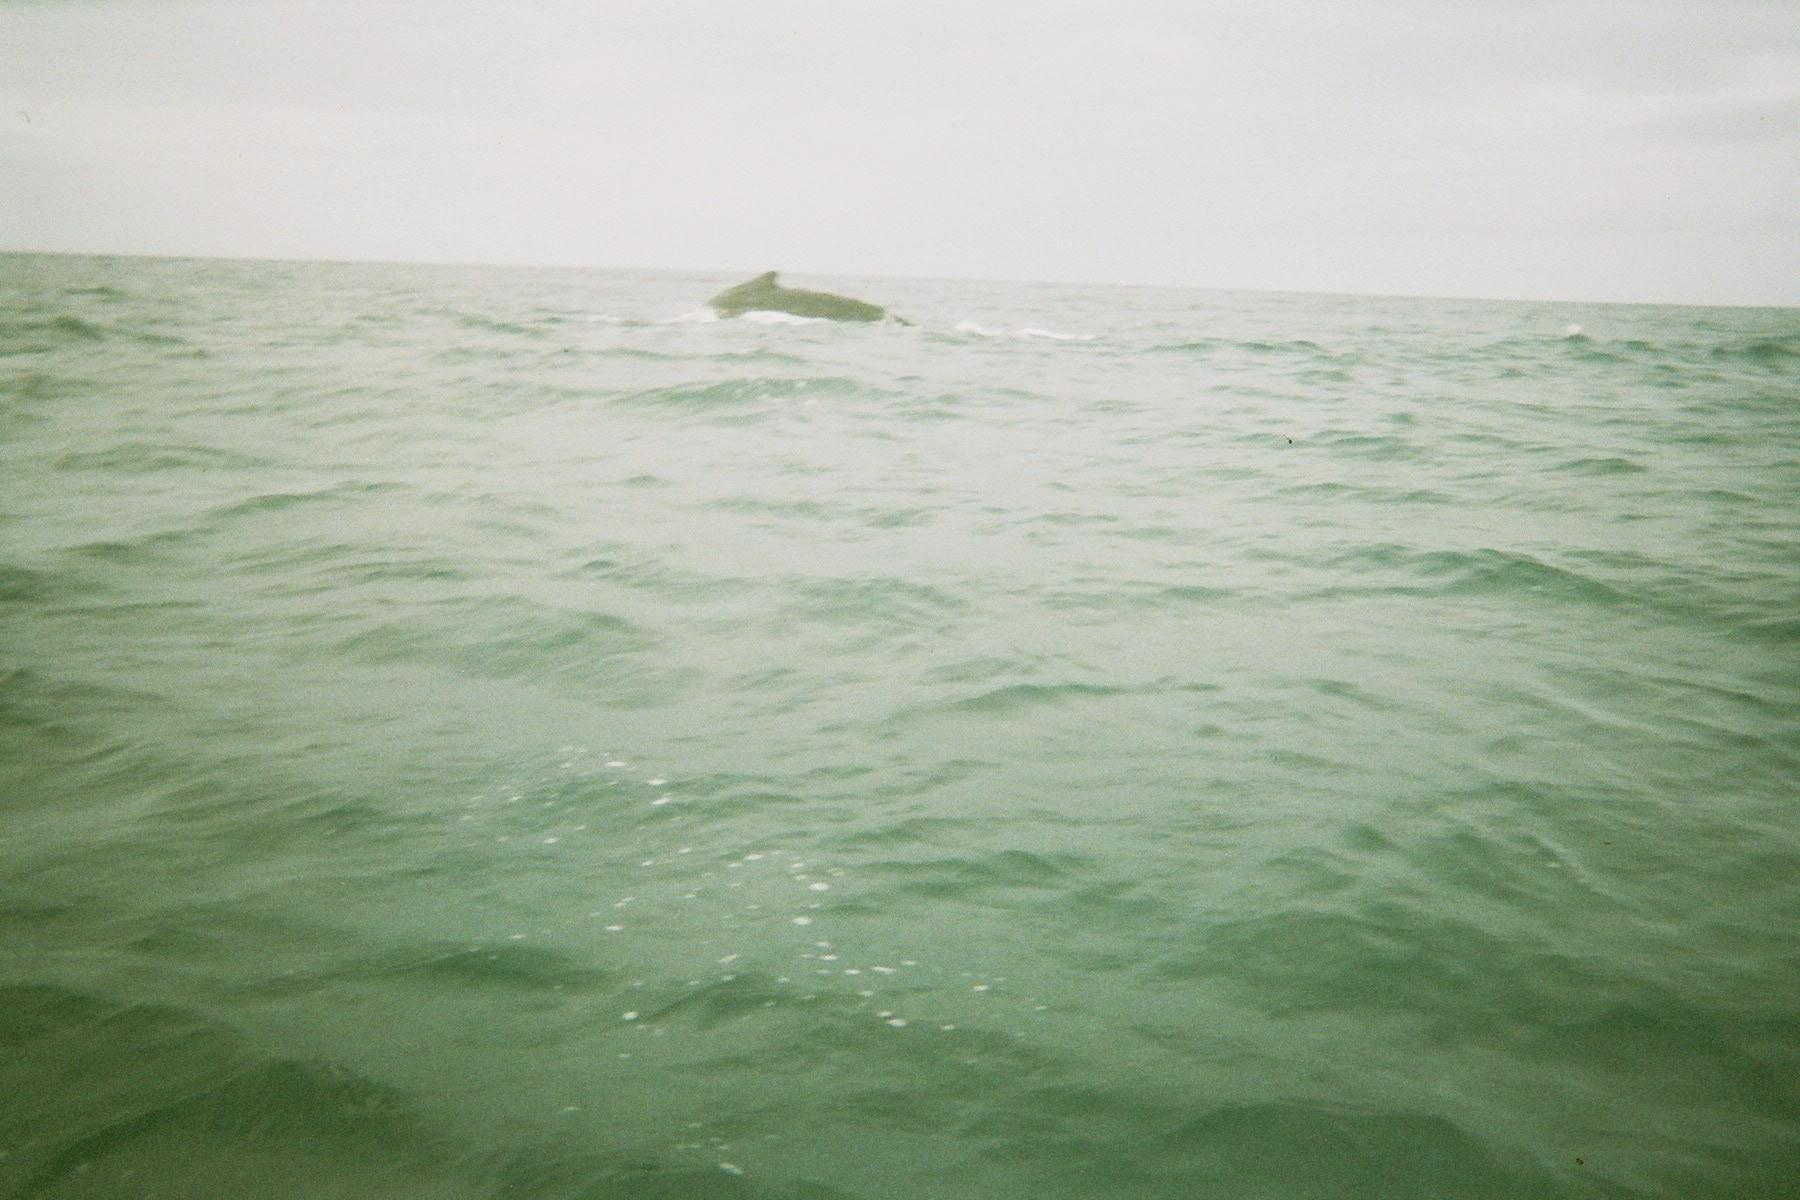 Baleine au large de Mayotte